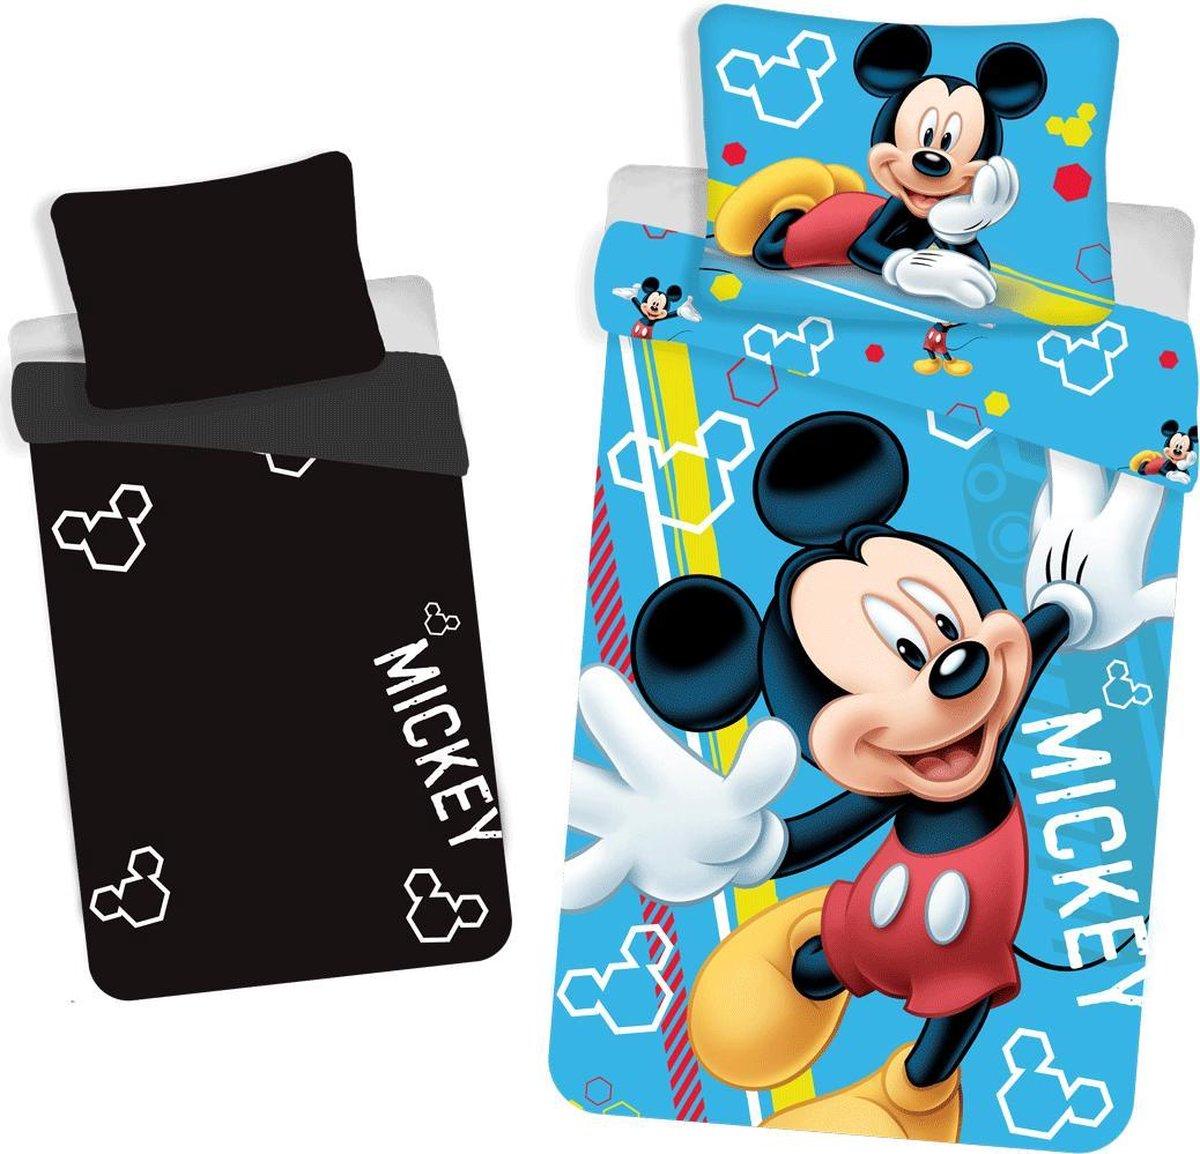 Disney Mickey Mouse Glow in the Dark Dekbedovertrek - Eenpersoons - 140 x 200 cm - Multi kopen